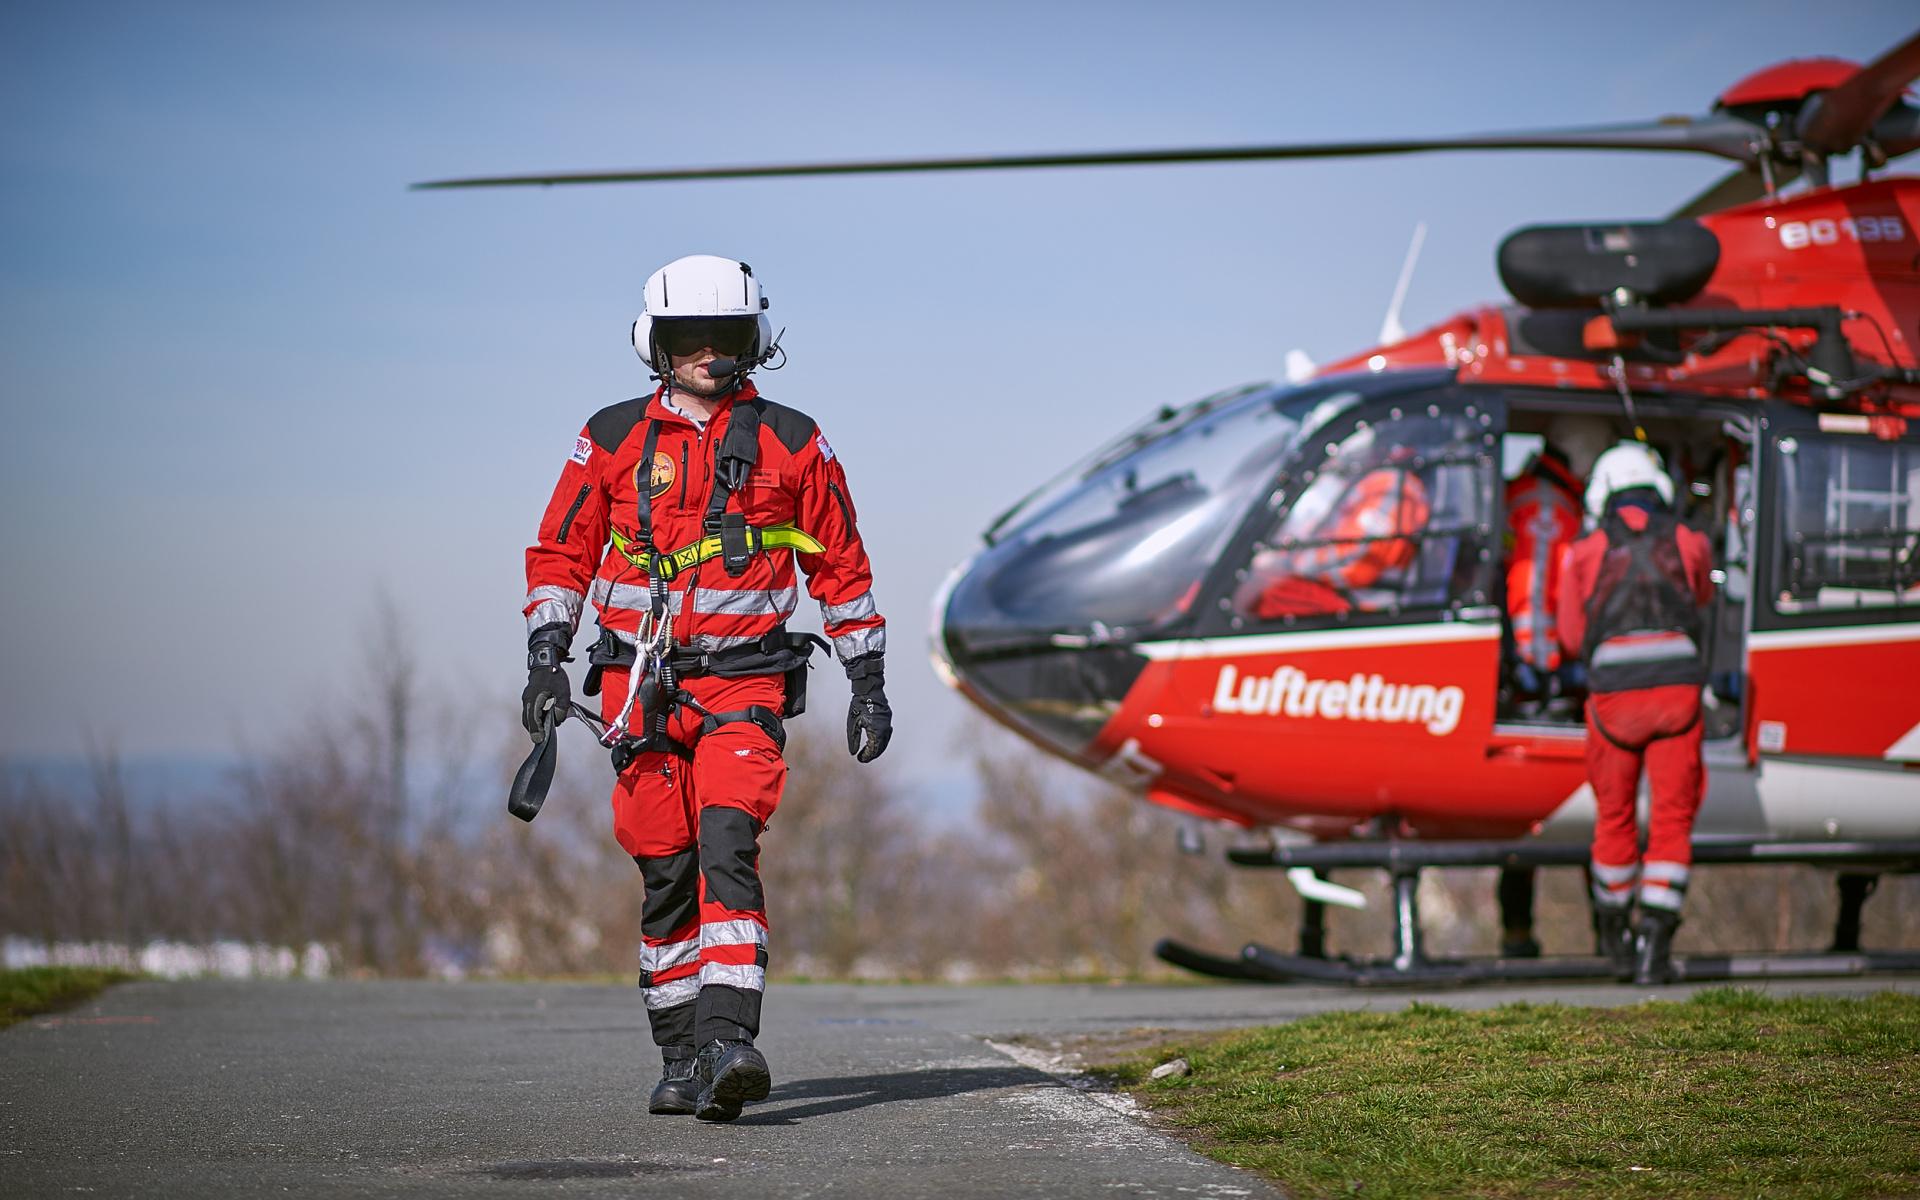 Die DRF Luftretter sind an 365 Tagen im Jahr im Einsatz, um Menschen in Not schnellstmöglich zu helfen.